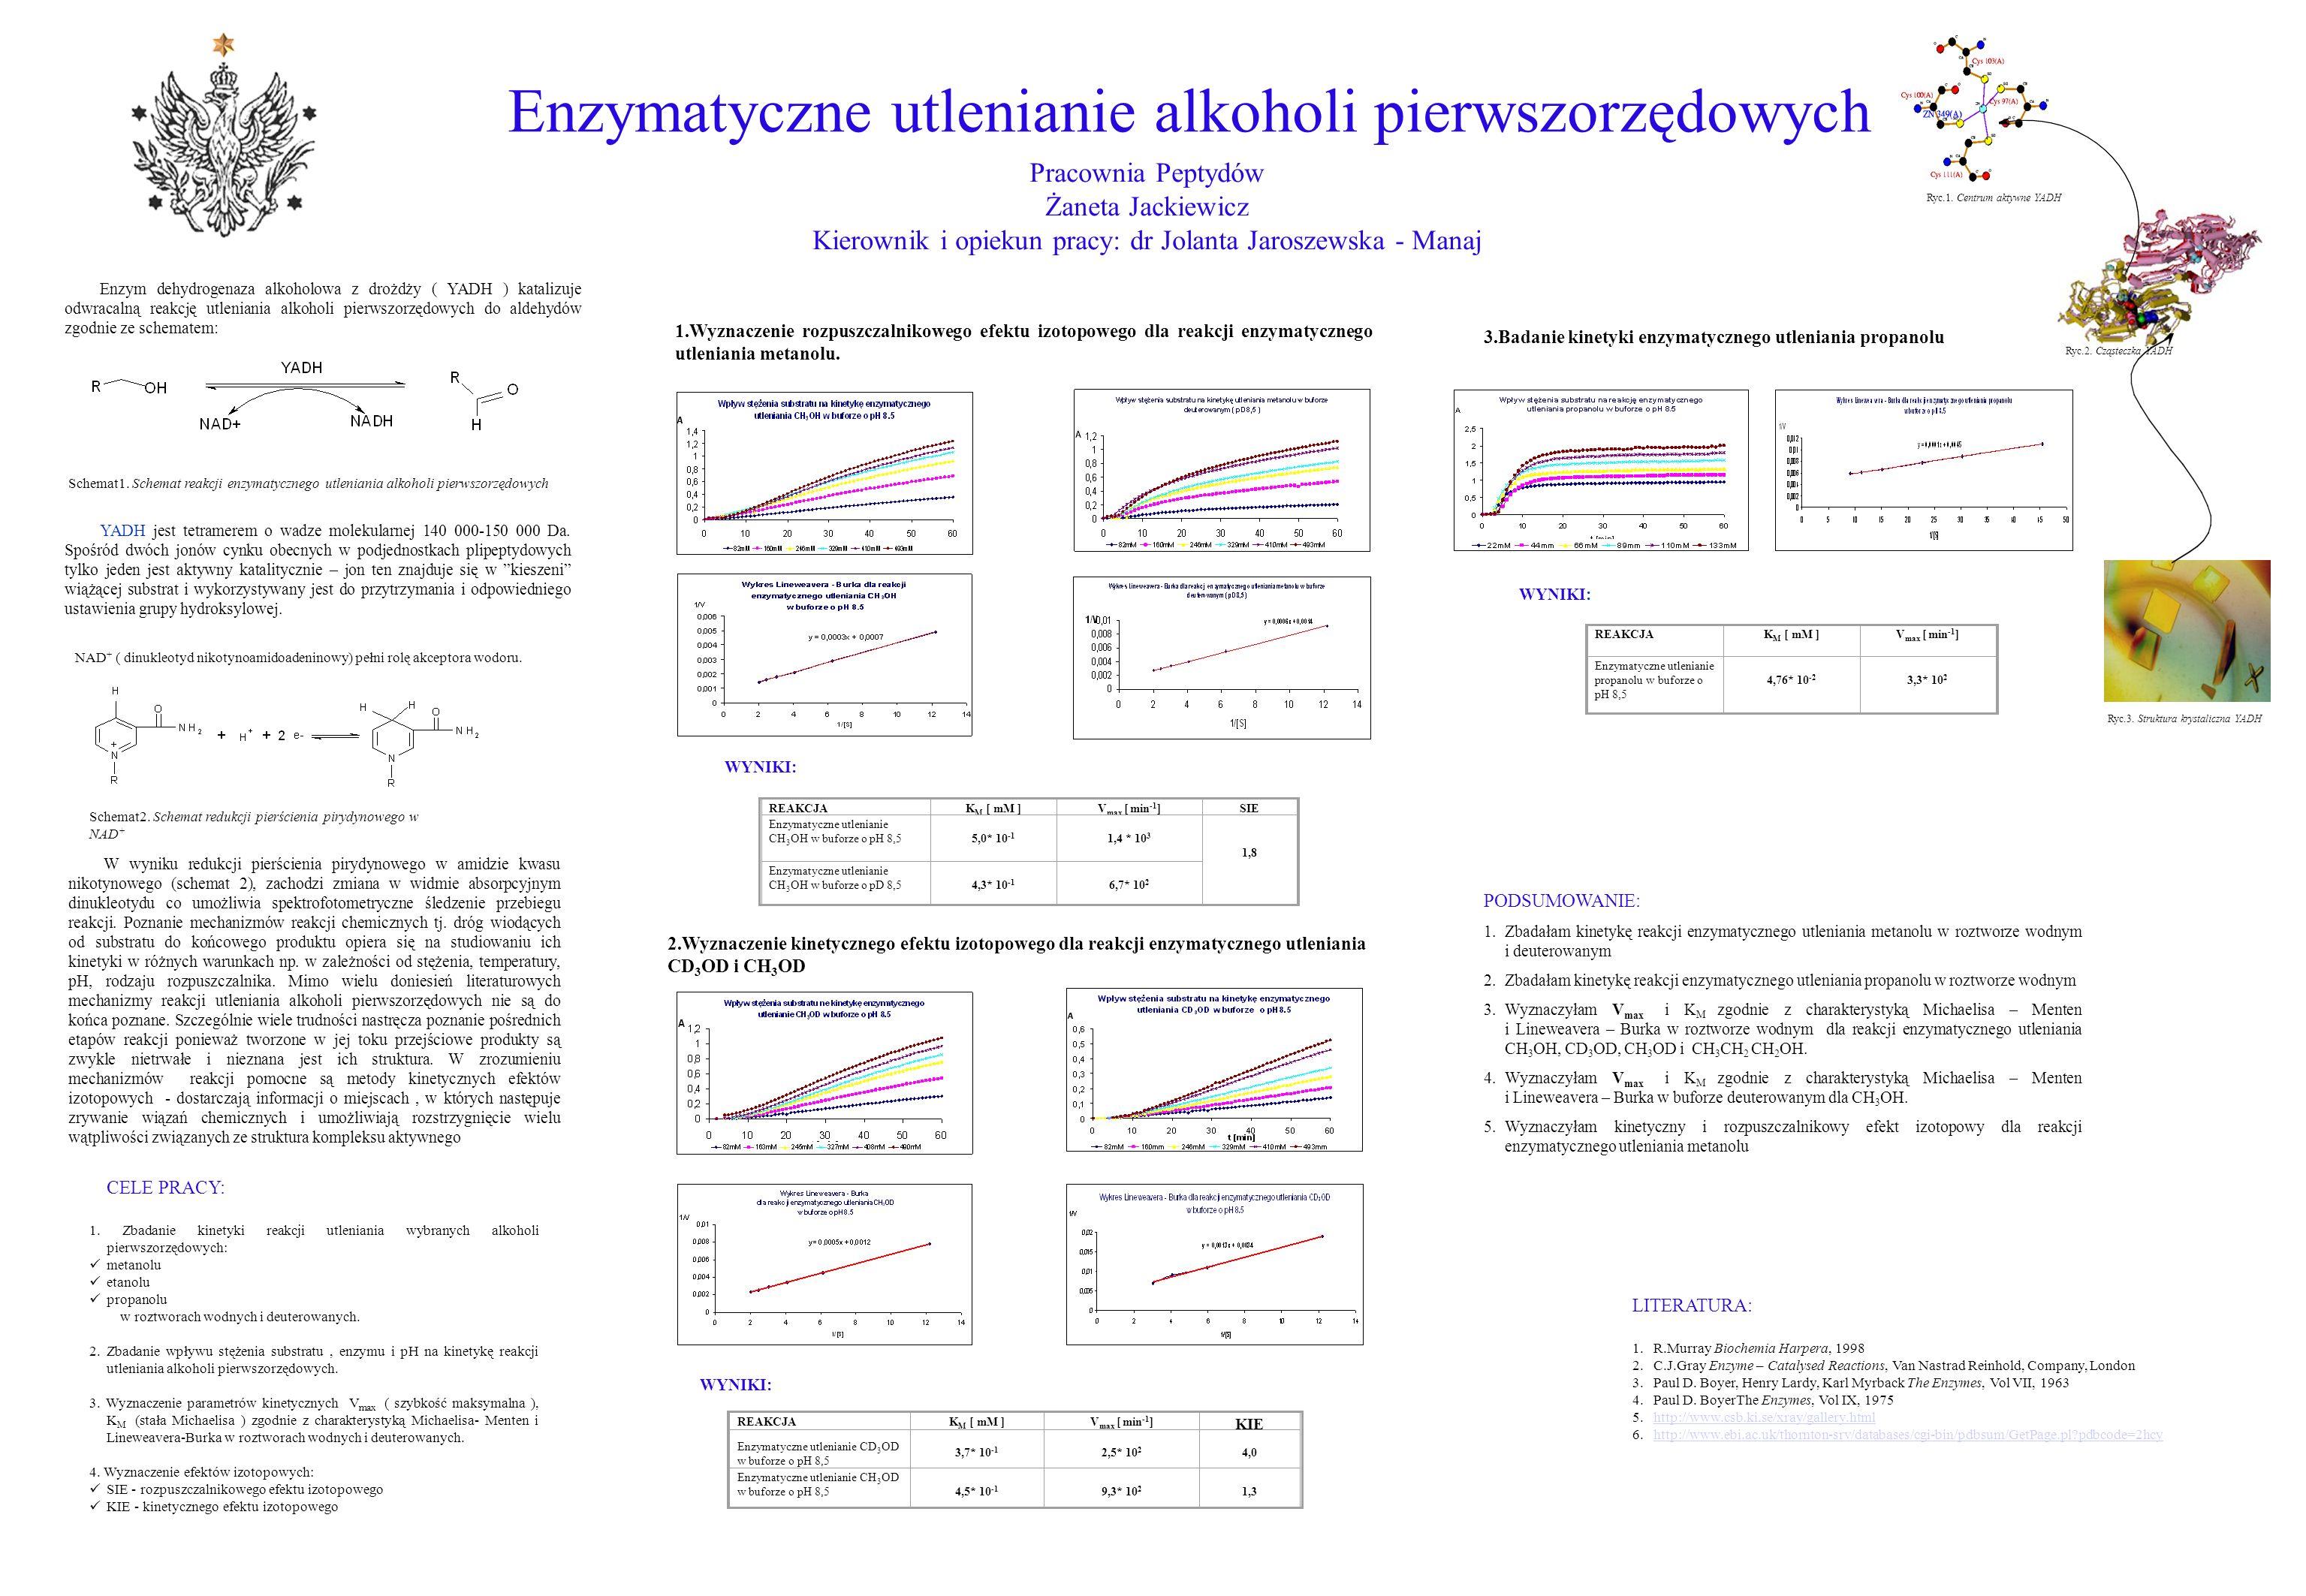 Enzymatyczne utlenianie alkoholi pierwszorzędowych